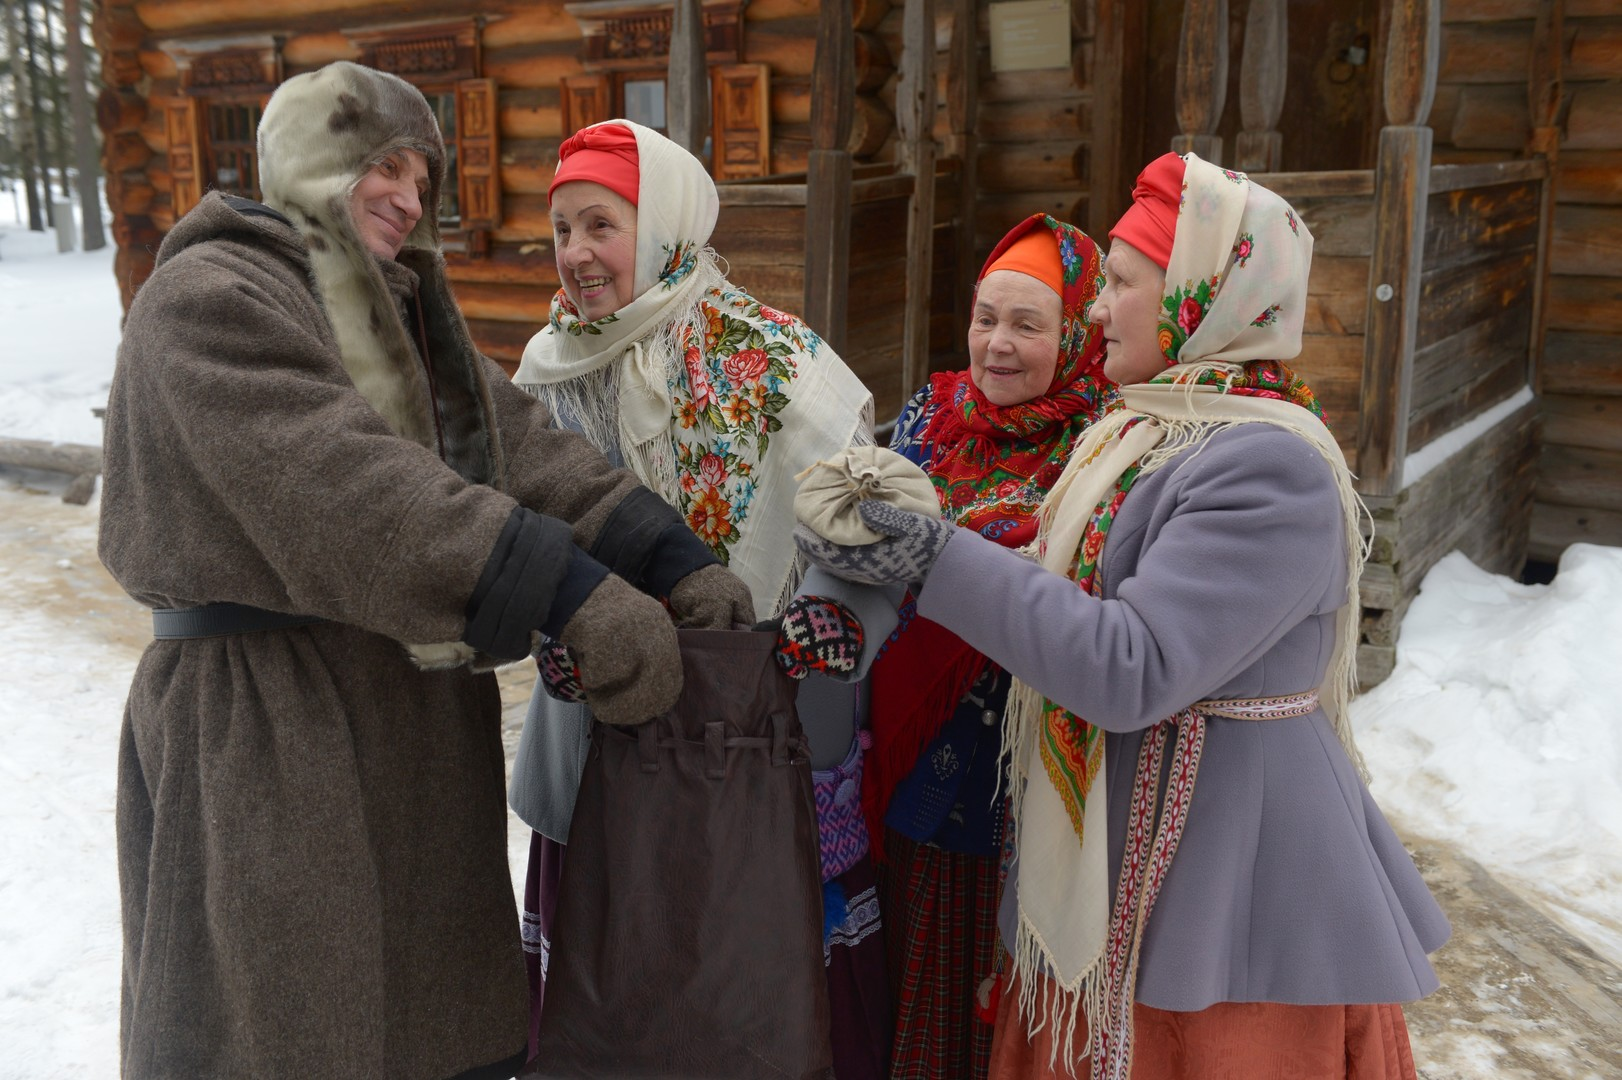 Frauen und Männer in traditionell russicher Kleidung